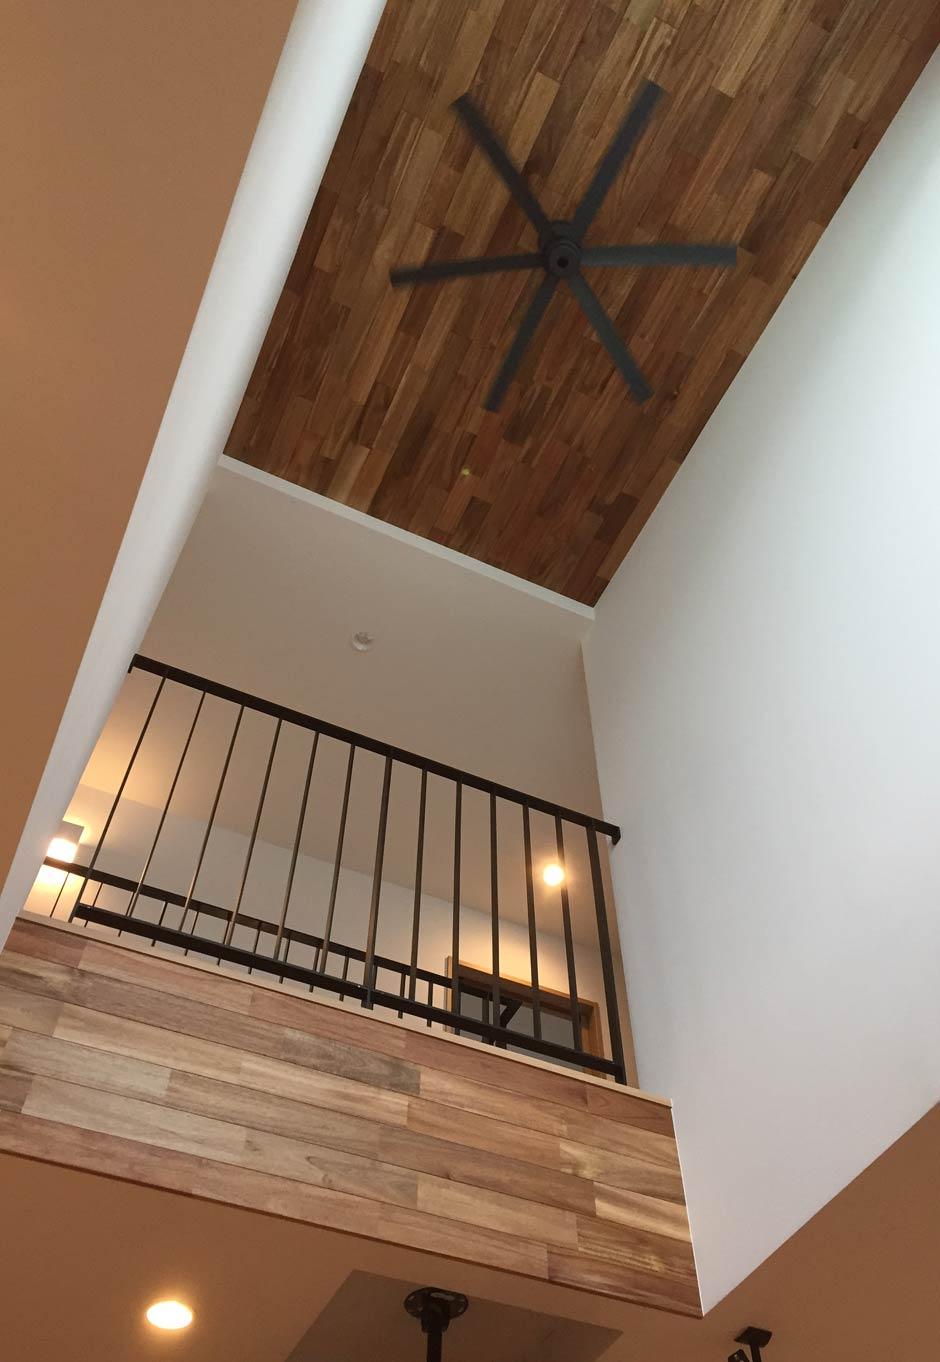 Asobi-創家(アソビスミカ)/ナカジツ【趣味、省エネ、間取り】吹抜けの天井、垂れ壁もすべて無垢材にこだわり、高級感を演出。アイアンの手すりがナチュラルな空間を引き締めている